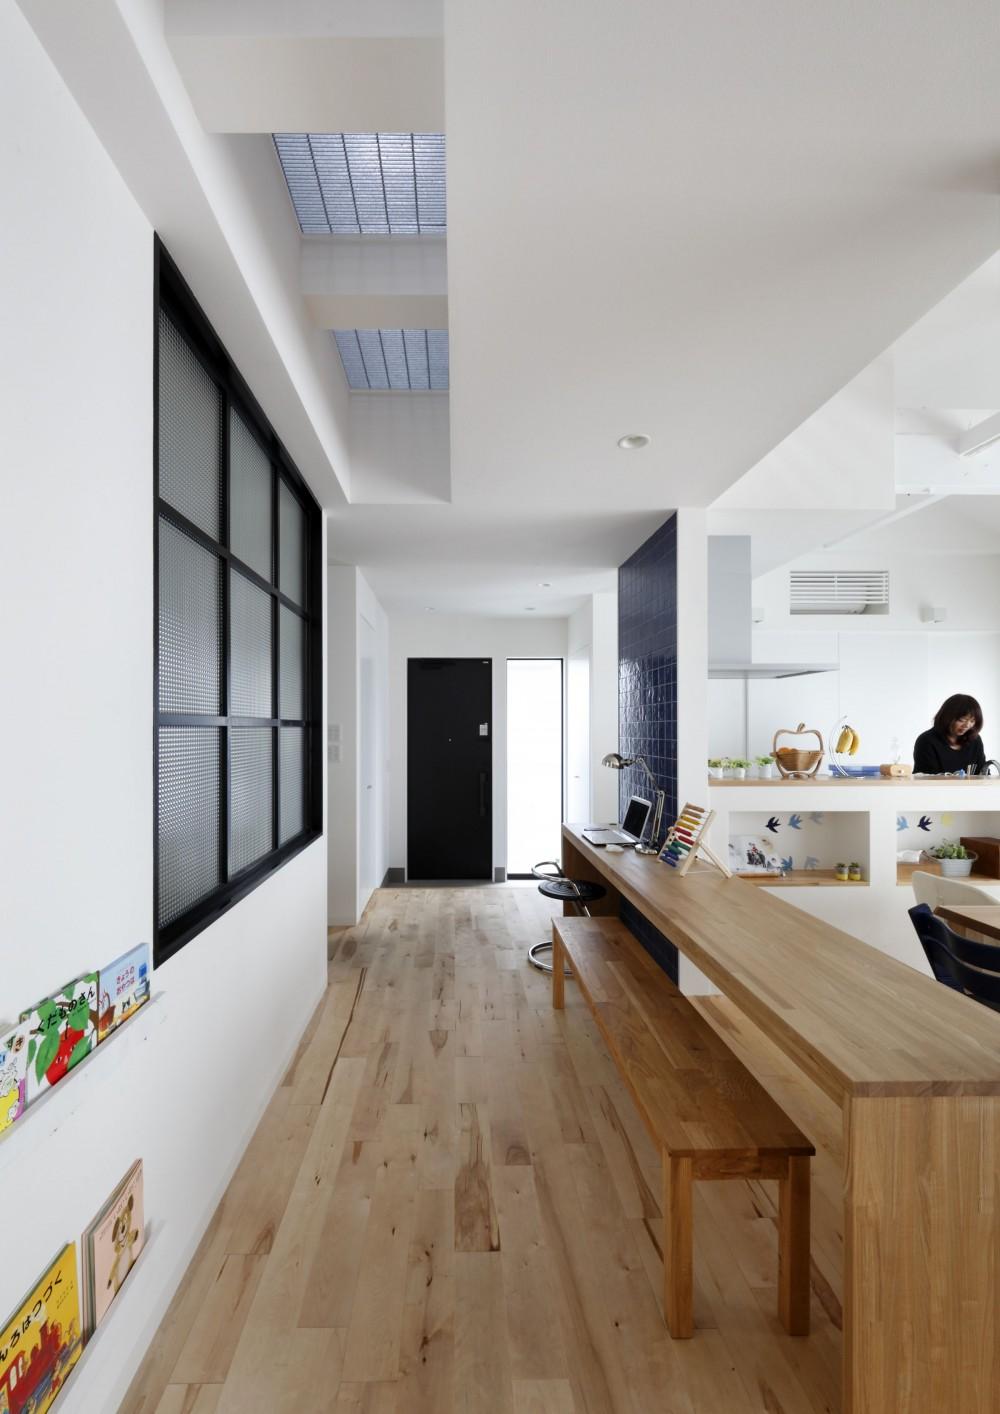 回遊できる家 – 長く子供と仲良く、築46年の回遊できる家<リノベーション> – (スタディカウンターから玄関を見る)